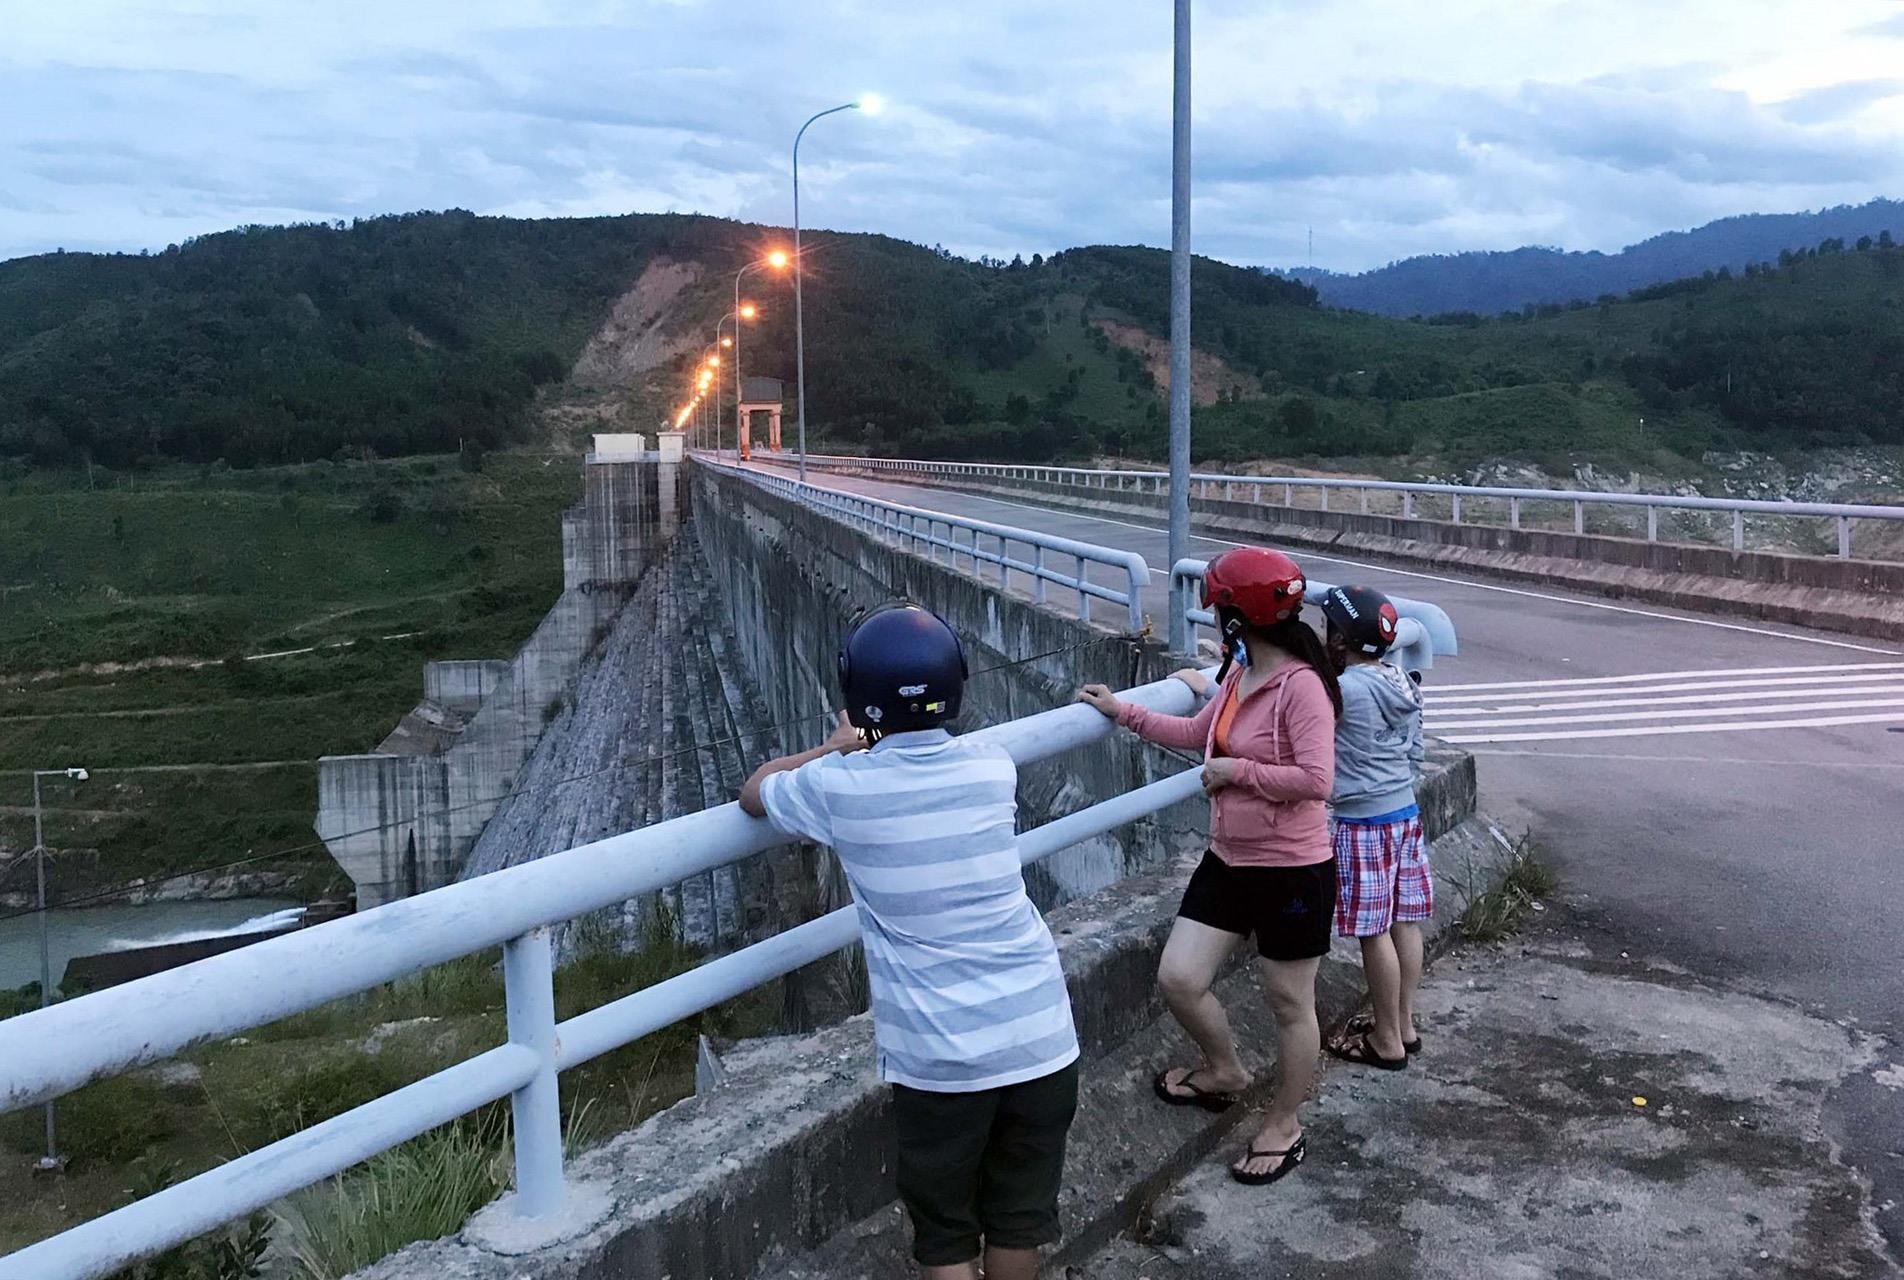 Chạng vạng tối ngày 30.5, tái xuất hiện động đất mạnh 2.6 độ richter tại khu vực thủy điện Sông Tranh 2, huyện Bắc Trà My.